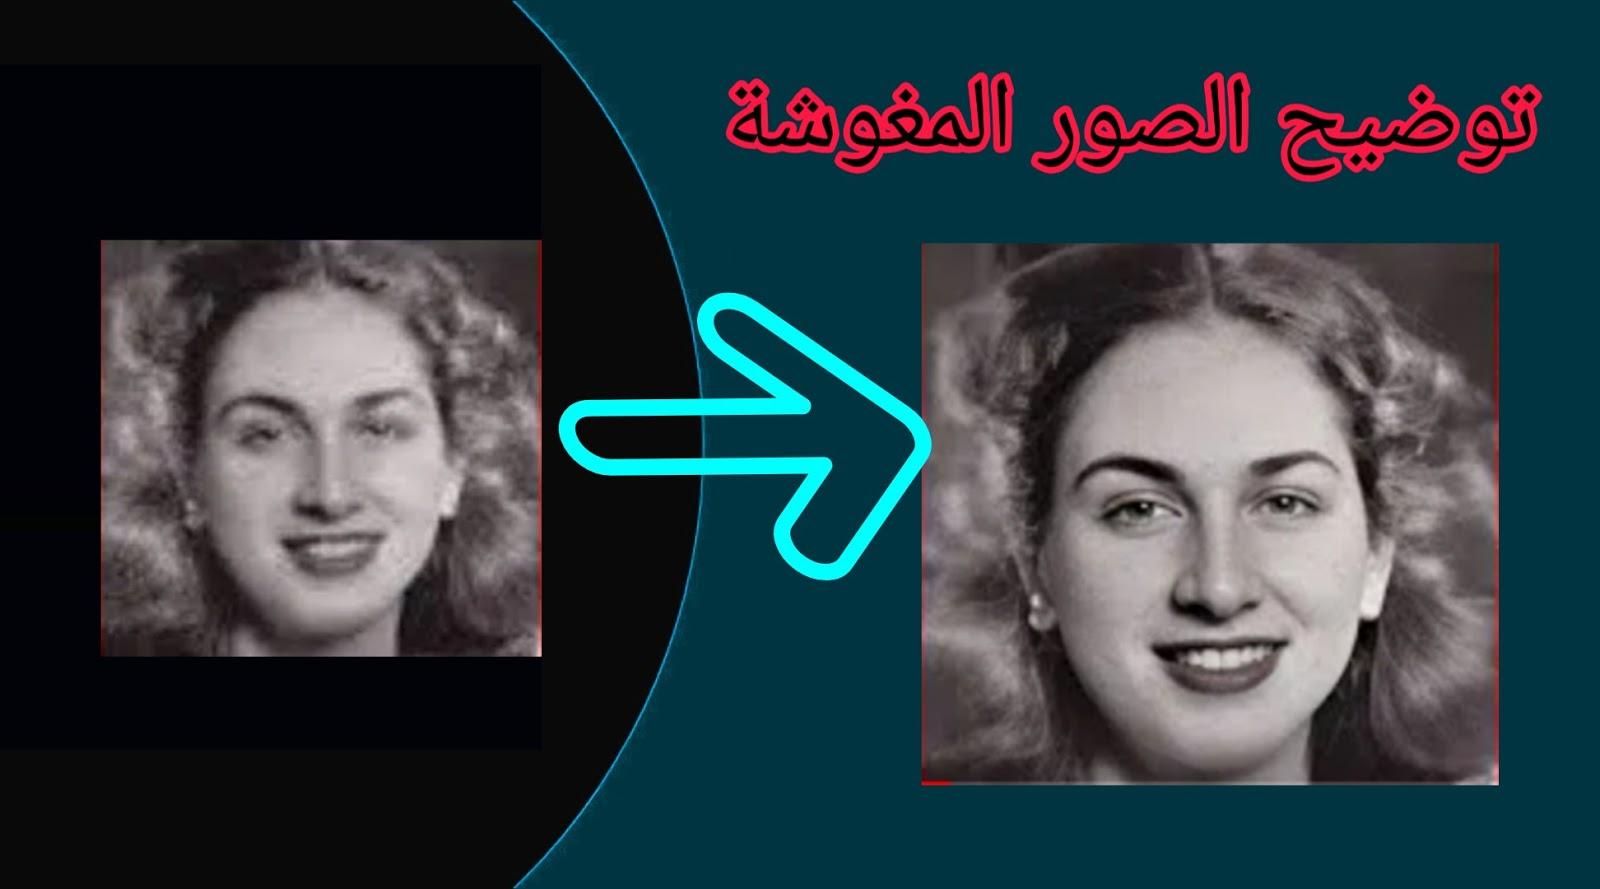 تصفية وتوضيح الصور القديمة Remini